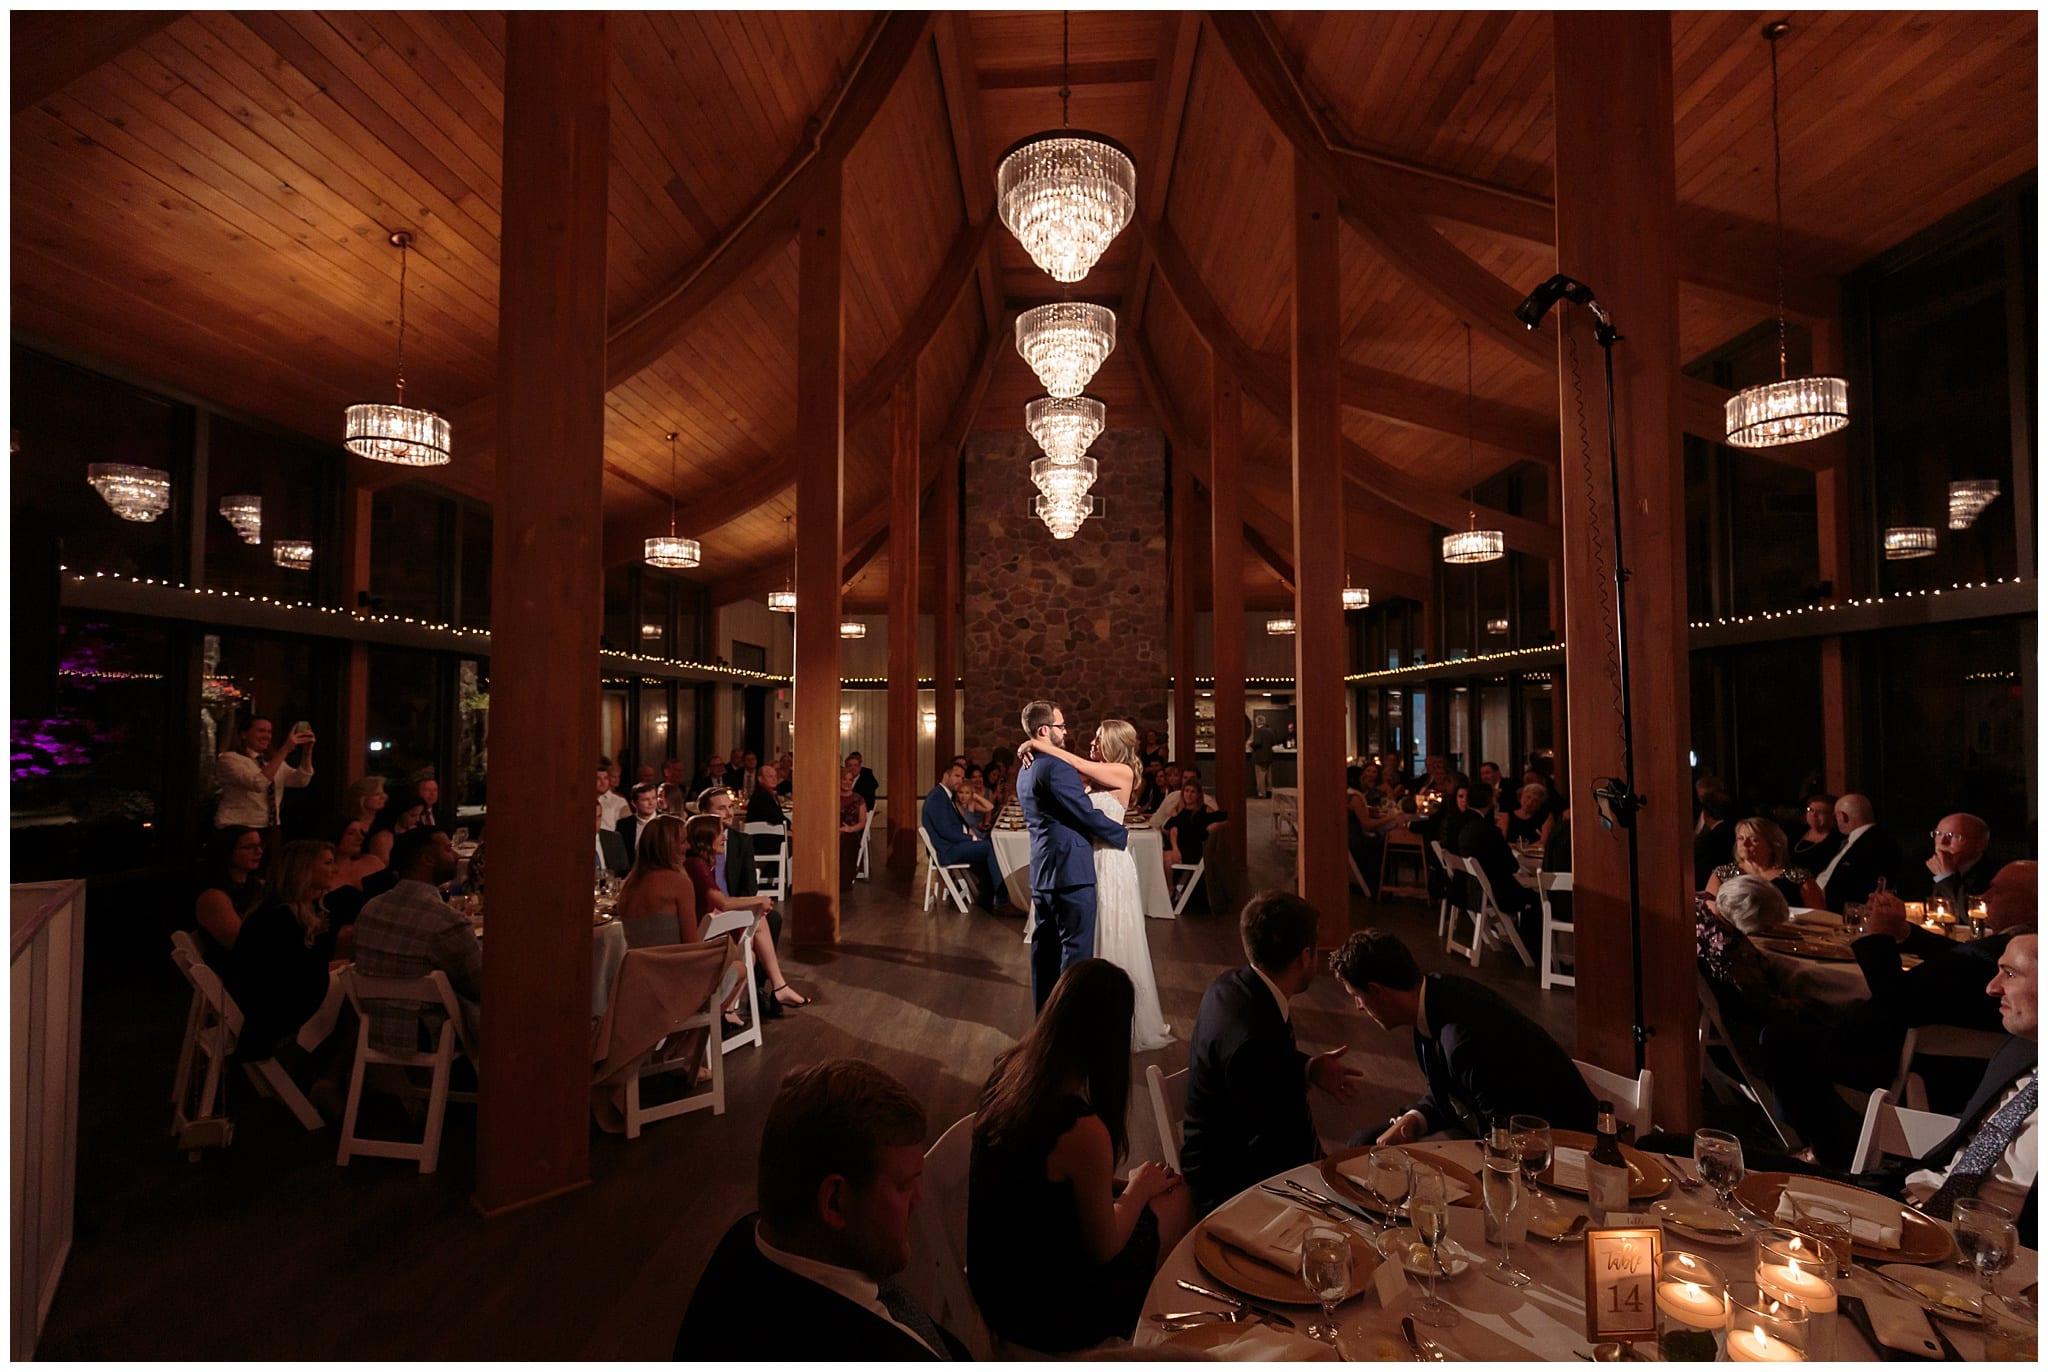 Oak Brook Bath and Tennis Club Wedding - Wes Craft Photography